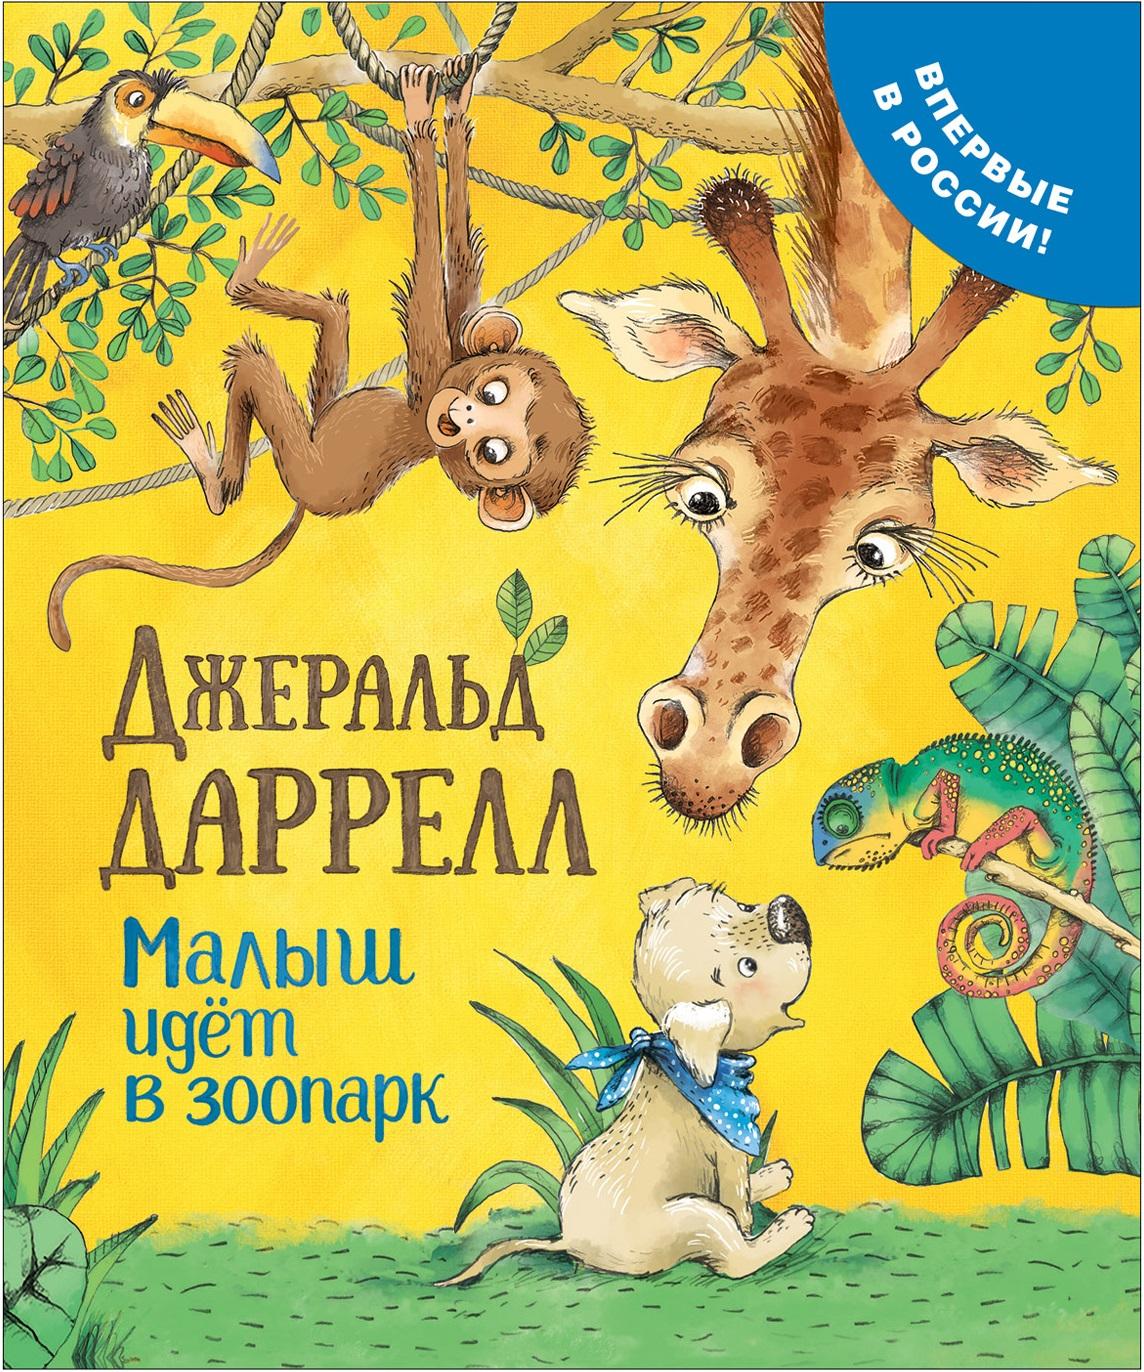 Даррелл Дж. Малыш идет в зоопарк (Про щенка)